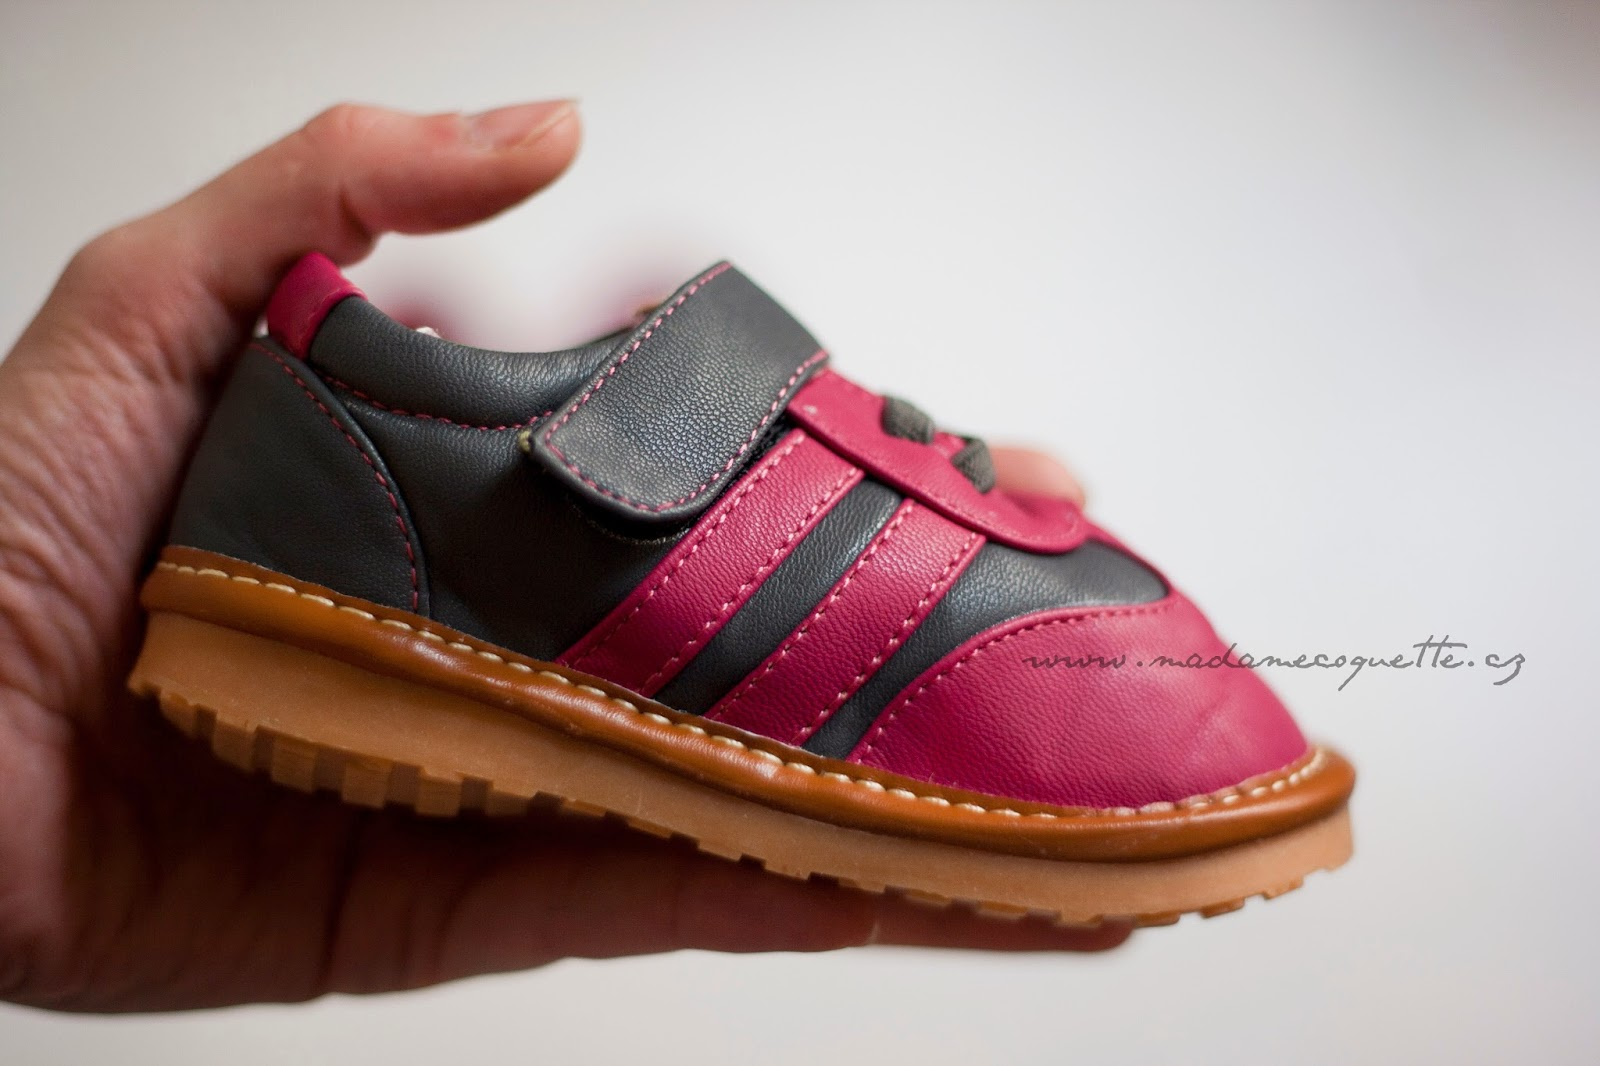 86db0553b29 Na první pohled a dotek se oba dva typy bot jeví jako dobré barefoot boty  splňující všechny základní požadavky